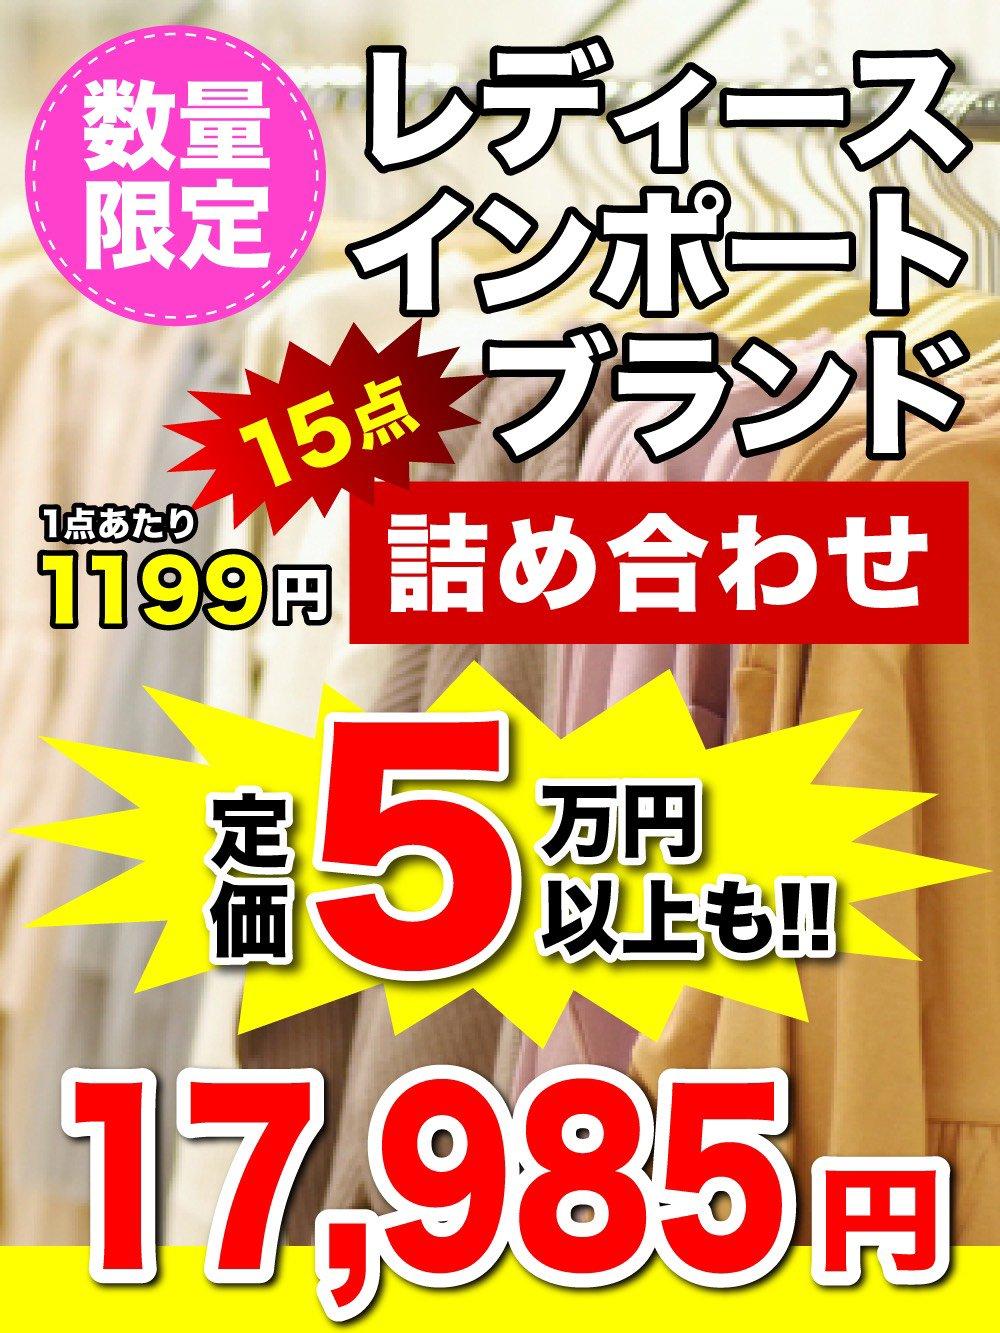 【数量限定】レディースインポートブランド詰め合わせ定価5万円以上も【15点】@1199